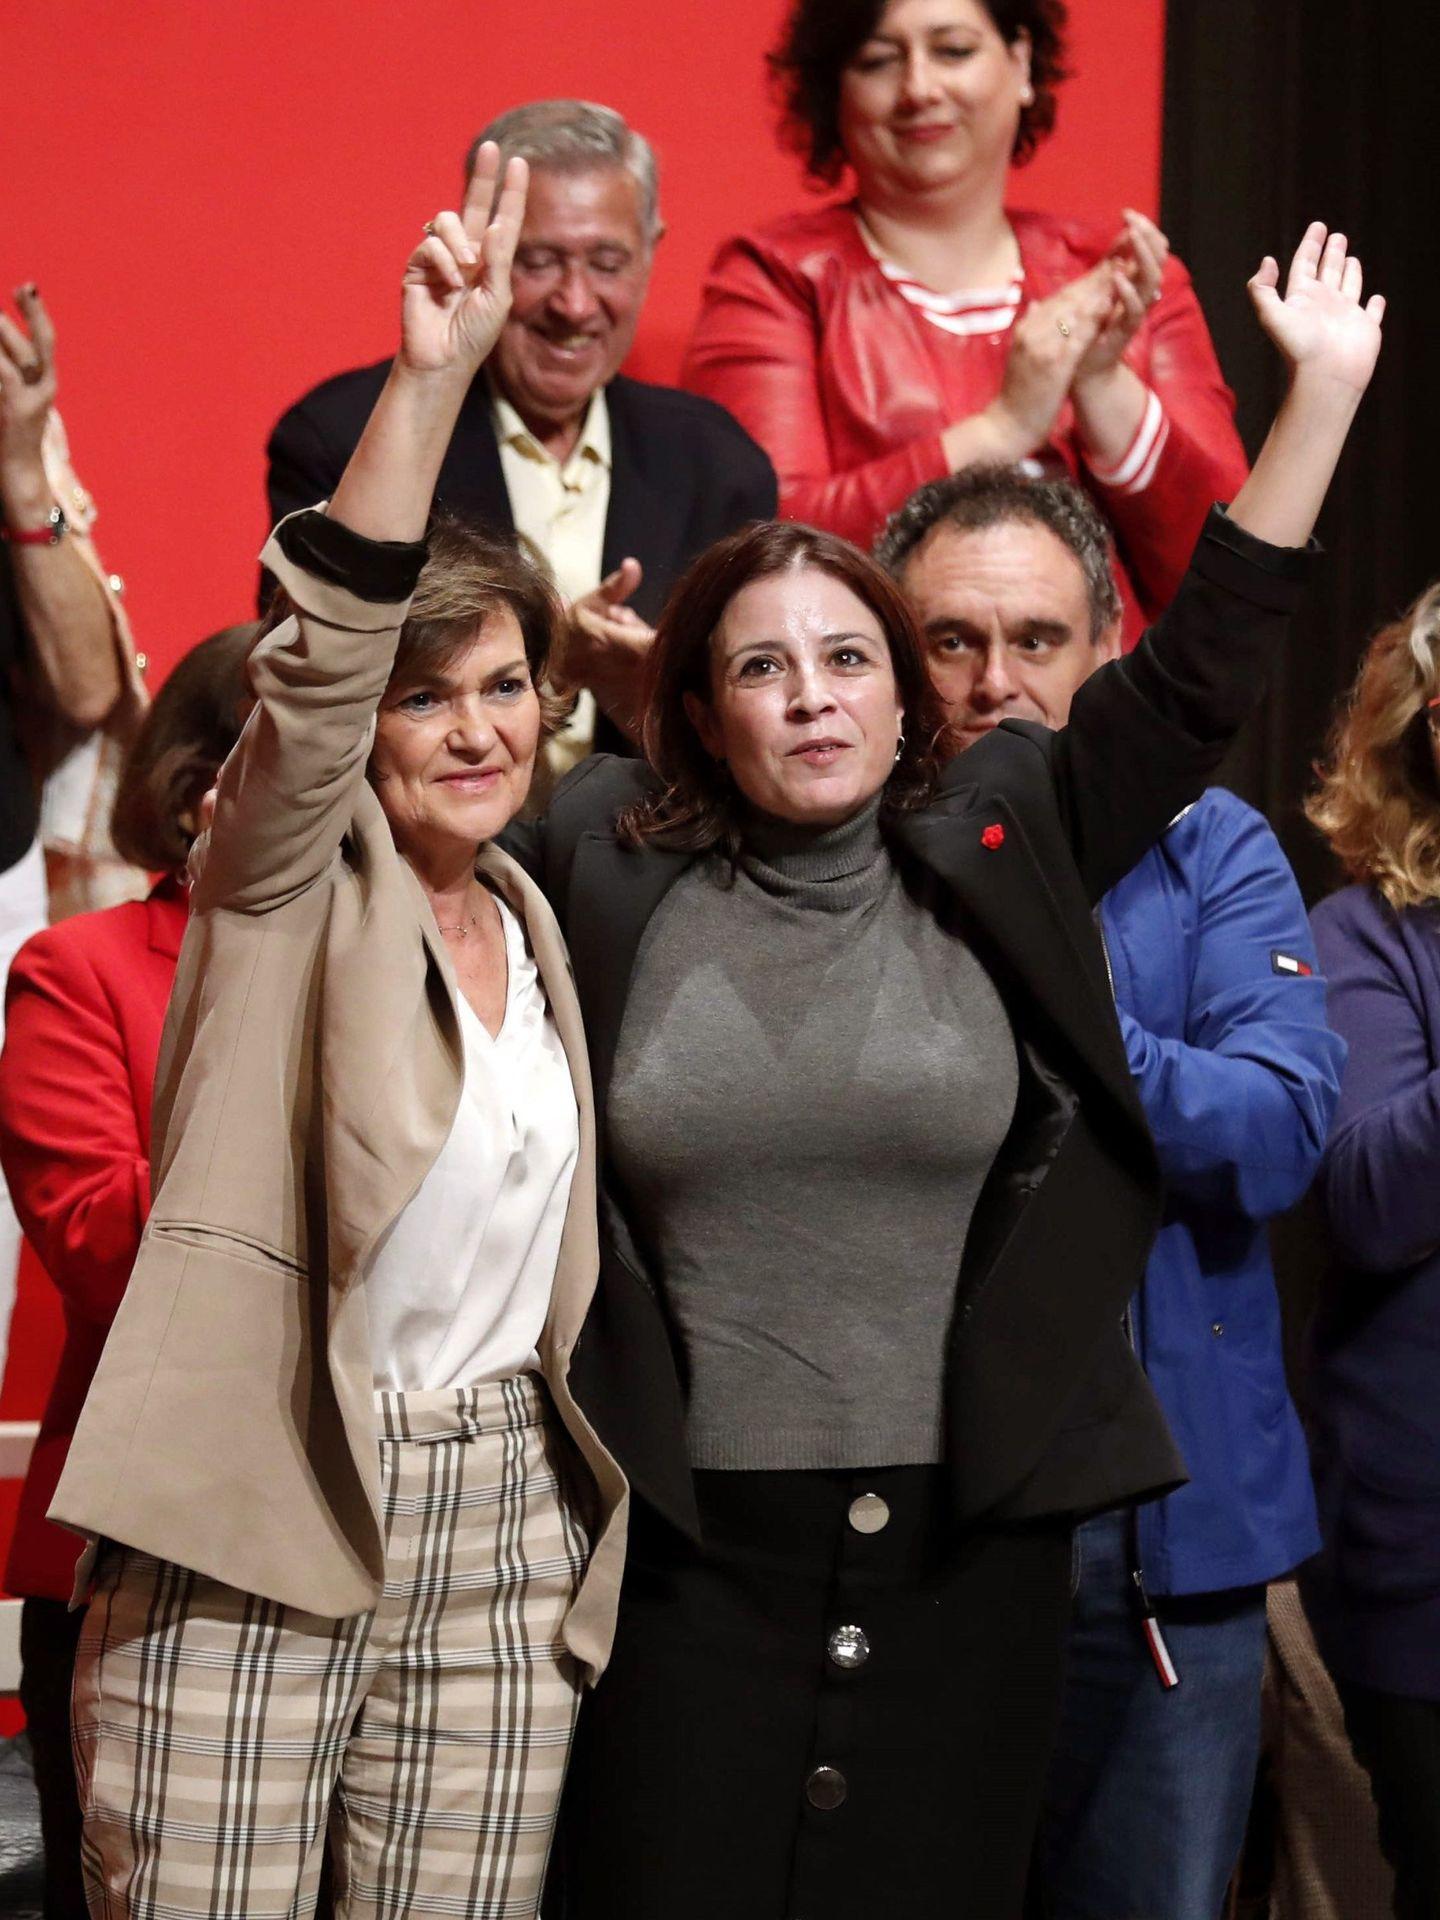 Carmen Calvo y Adriana Lastra, en un mitin de campaña del 10-N en Gijón el pasado 27 de octubre. (EFE)